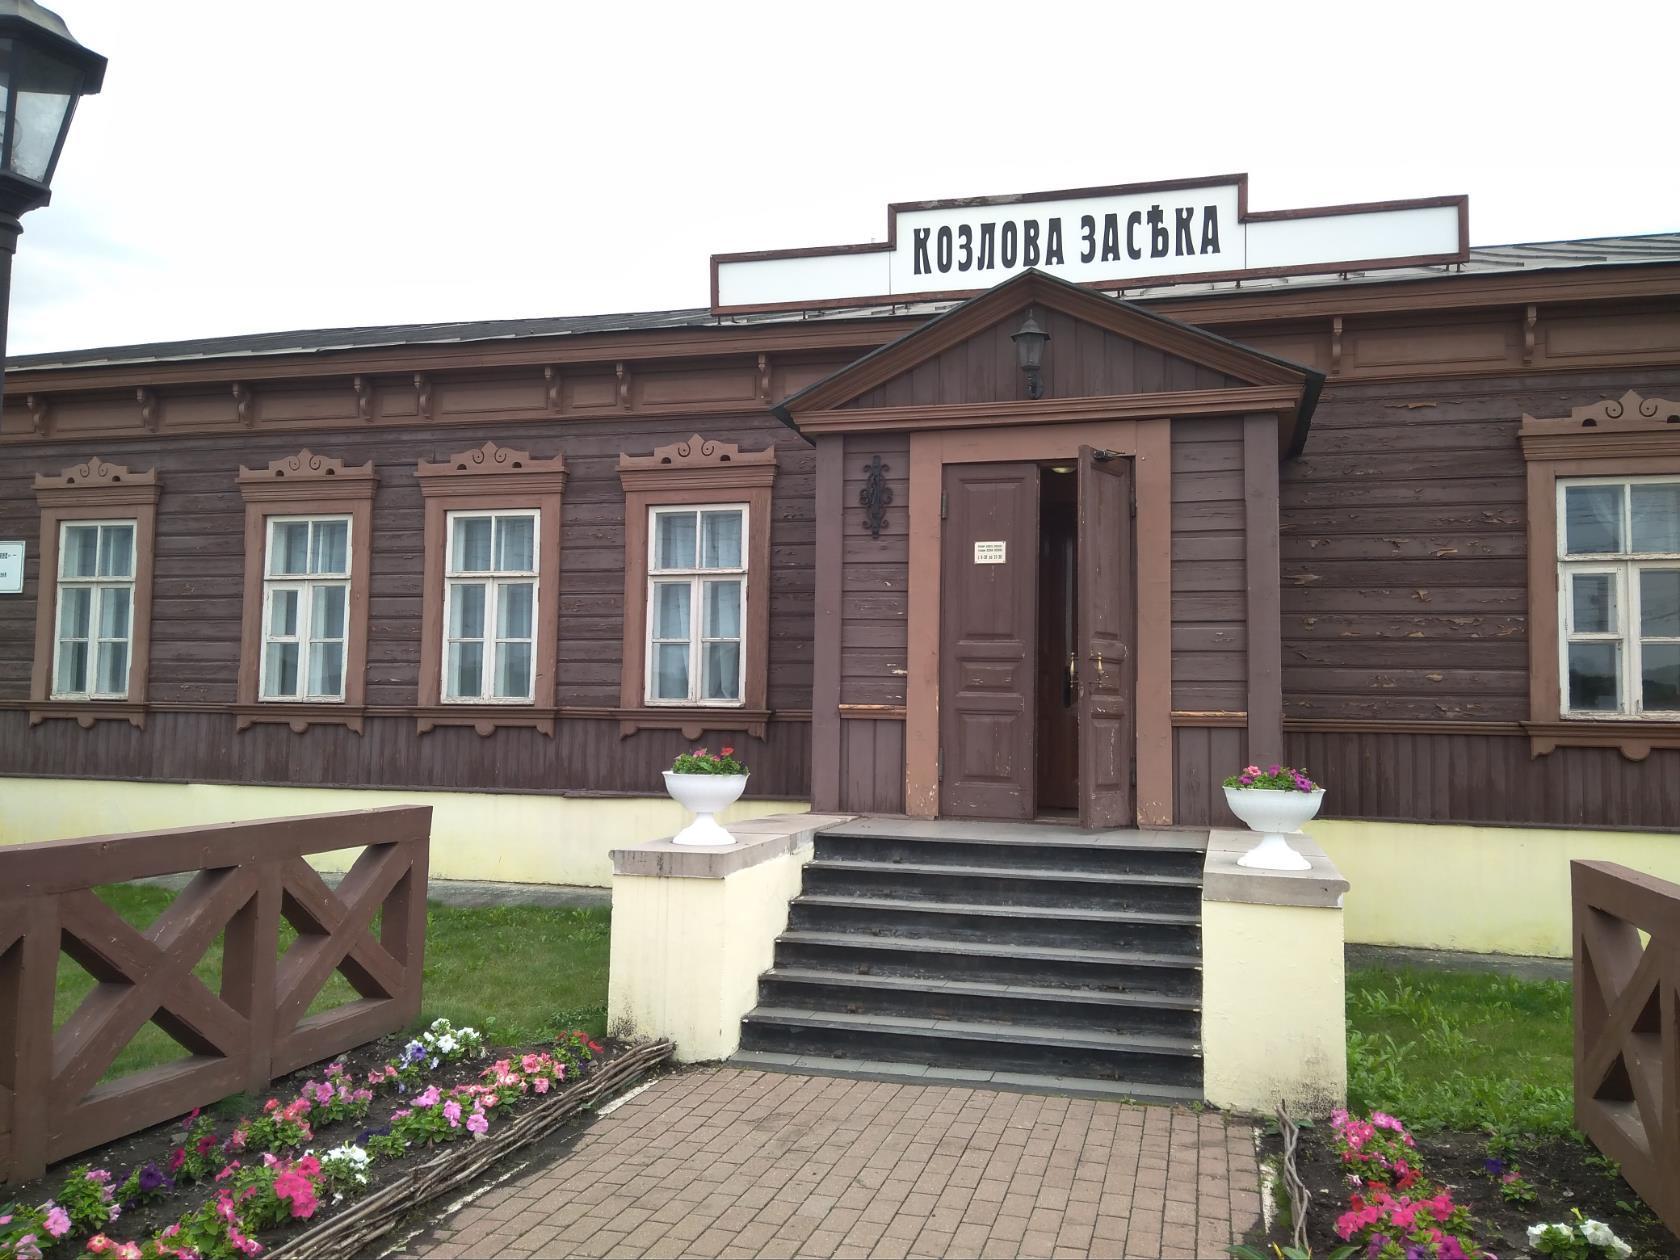 Лестница в прошлое (Л.Н.Толстой). Блиц: лестницы